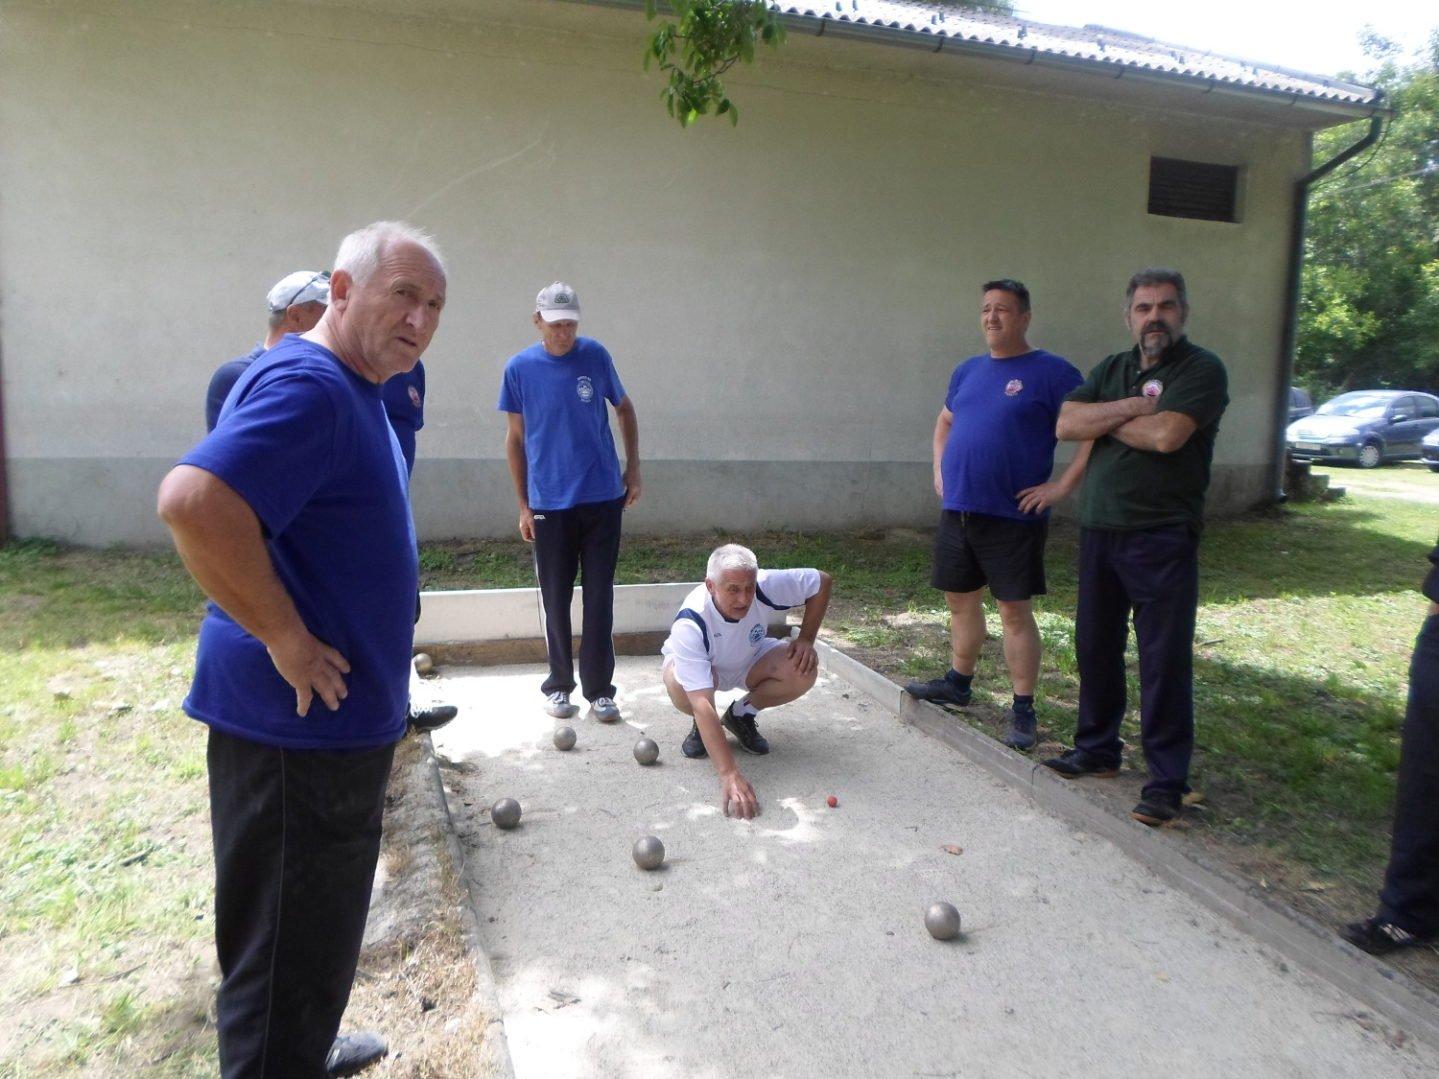 Foto Sportske Igre Branitelja U Ivanovcu Zajedno Ratu Tenis Ivanovec1